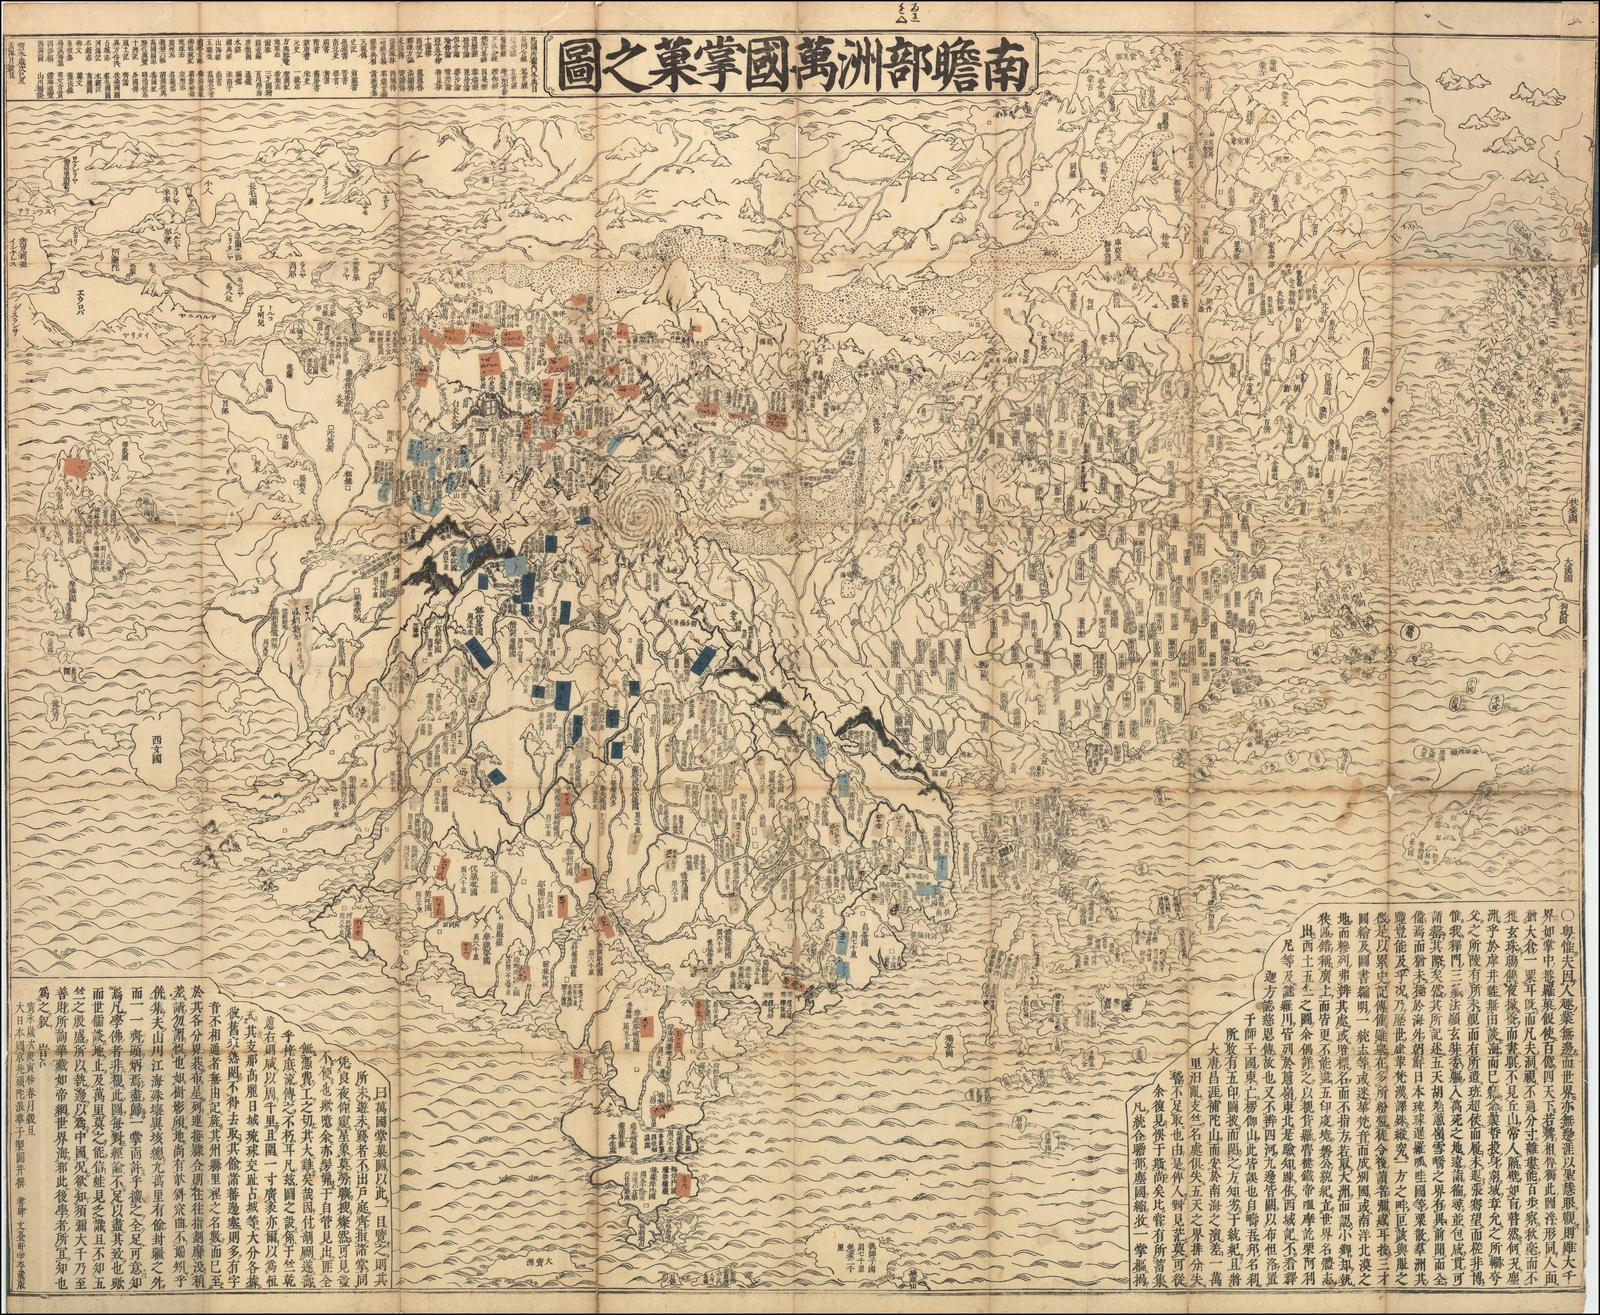 Карта рокаши - первая японская печатная карта, изображающая мир, включая Европу и Америку, с буддийской космографической точки зрения